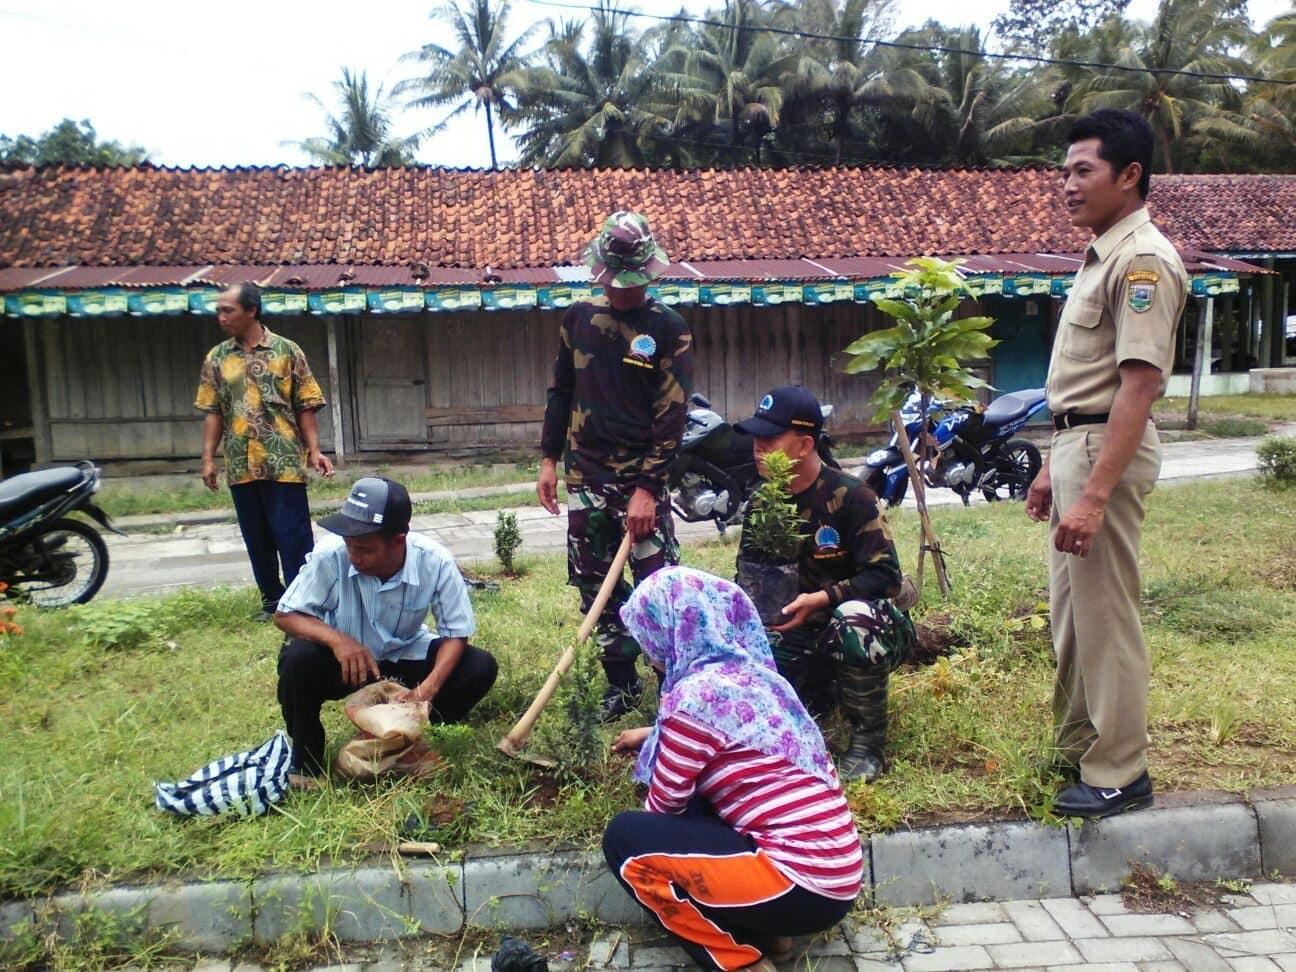 Pos Ramil Poncowarno Peltu Muji Pimpin Gotong Royong Bersihkan Lingkungan